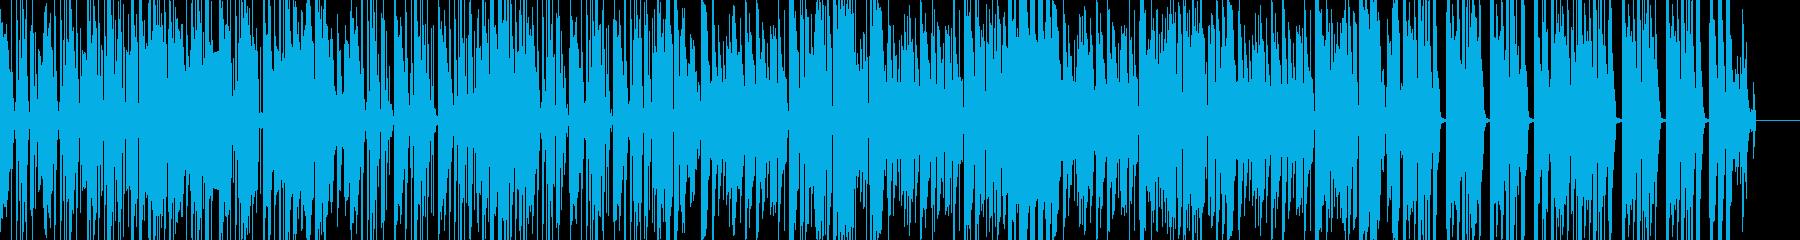 ブレイクビーツが目立つヒップホップビートの再生済みの波形